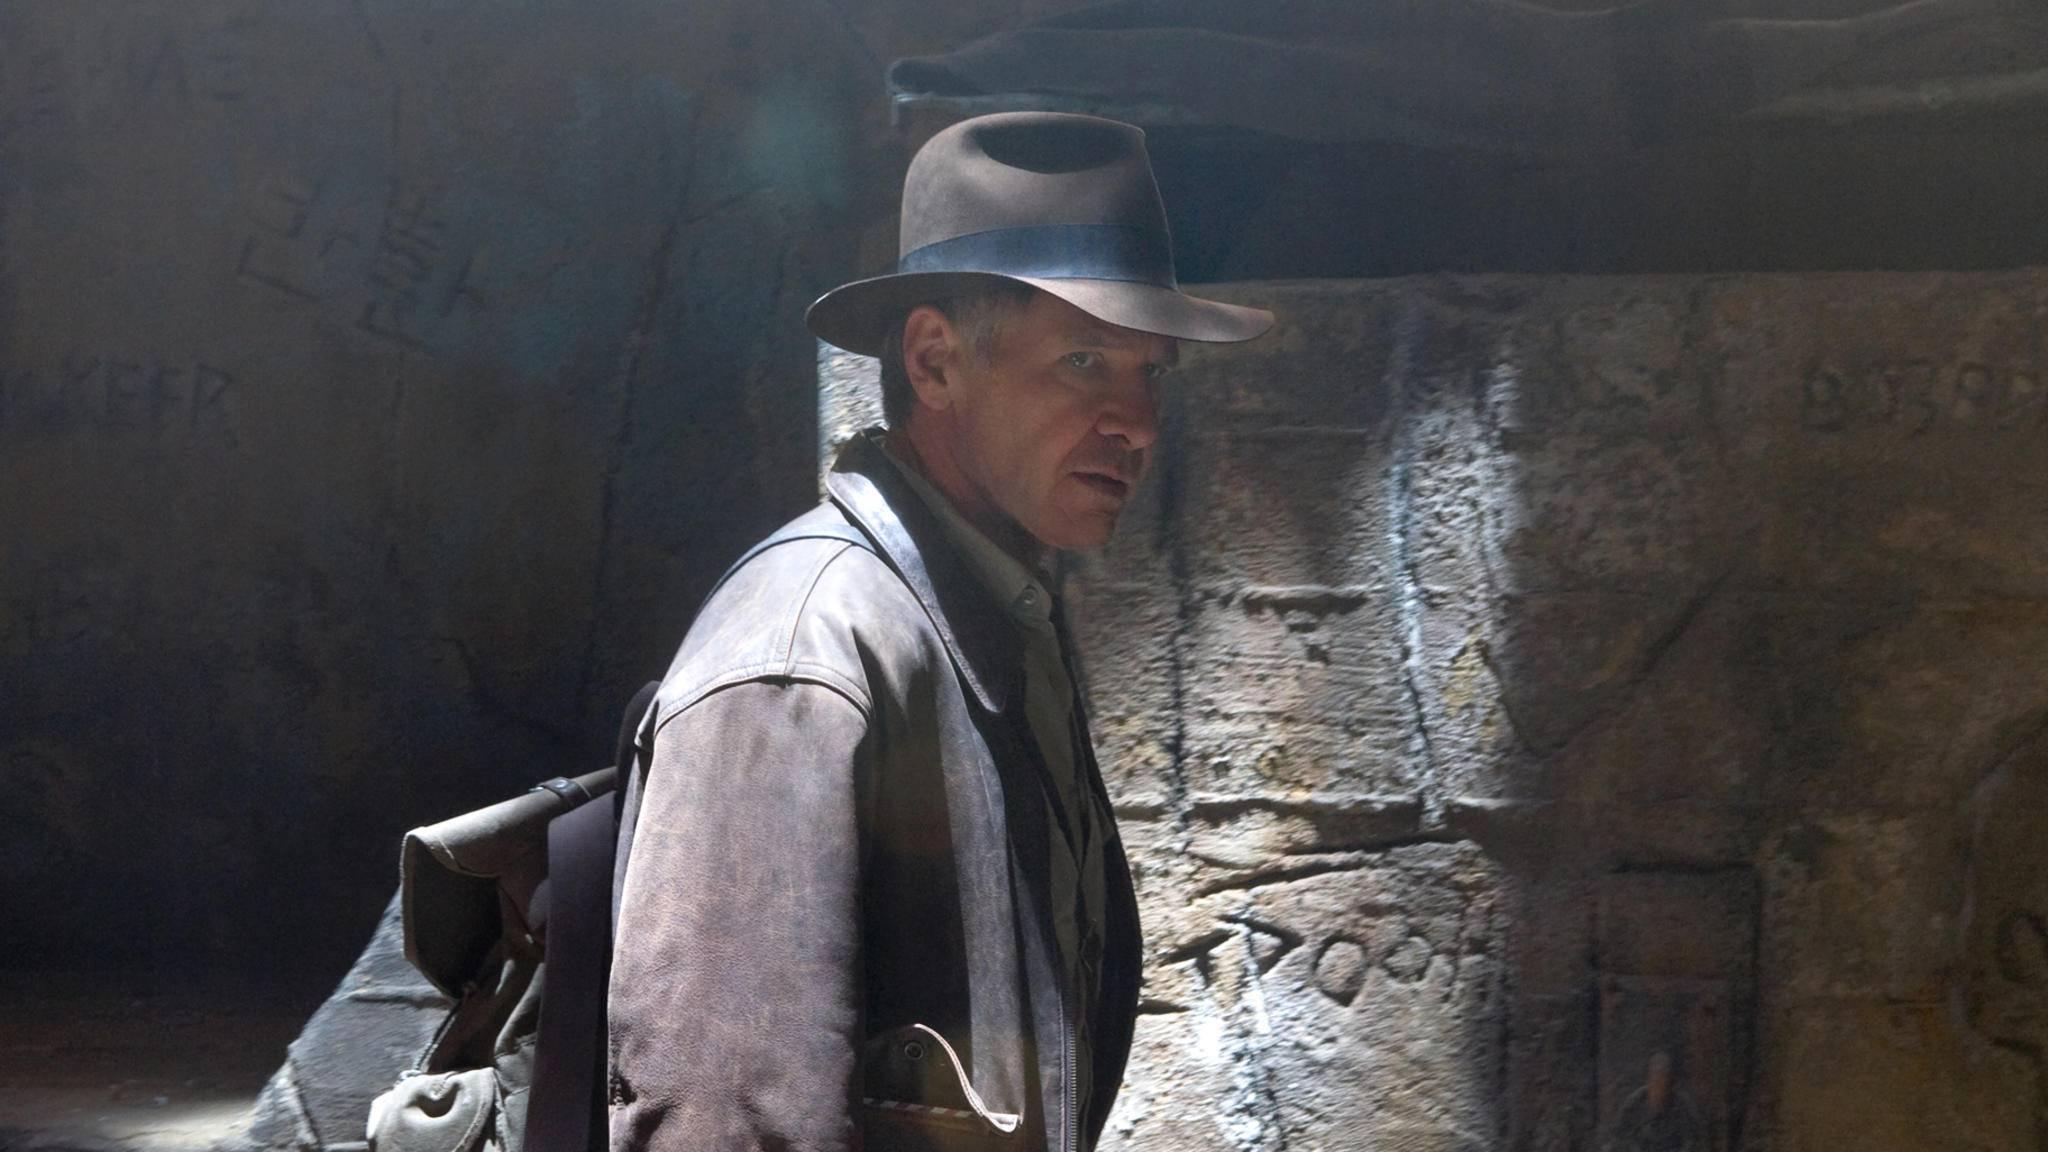 Es wird noch eine Weile dauern, bis Professor Jones zu seiner neuen Mission aufbricht.